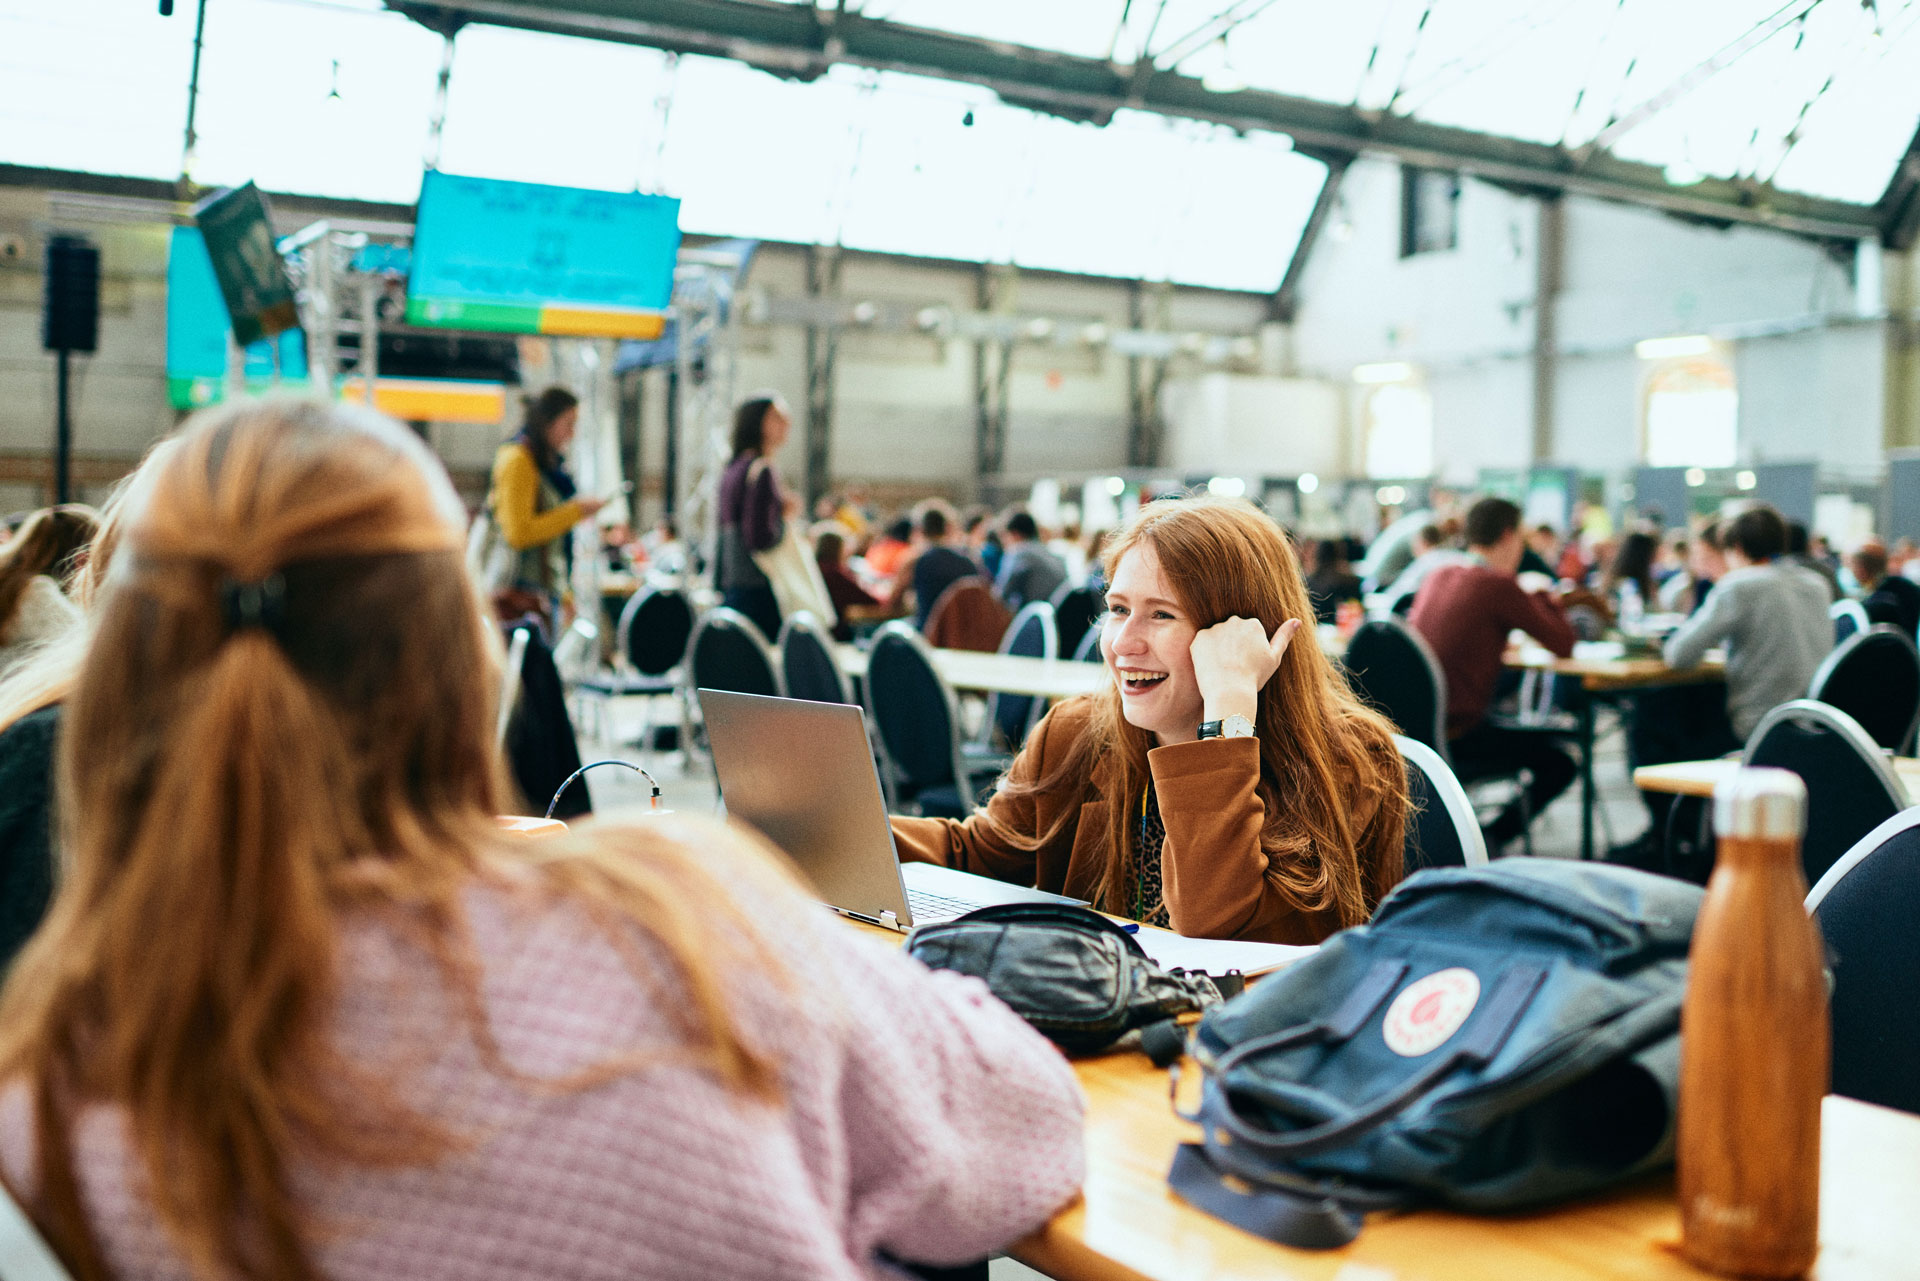 hack4oceans-hackathon-2019-hack-belgium-02-1920x1281